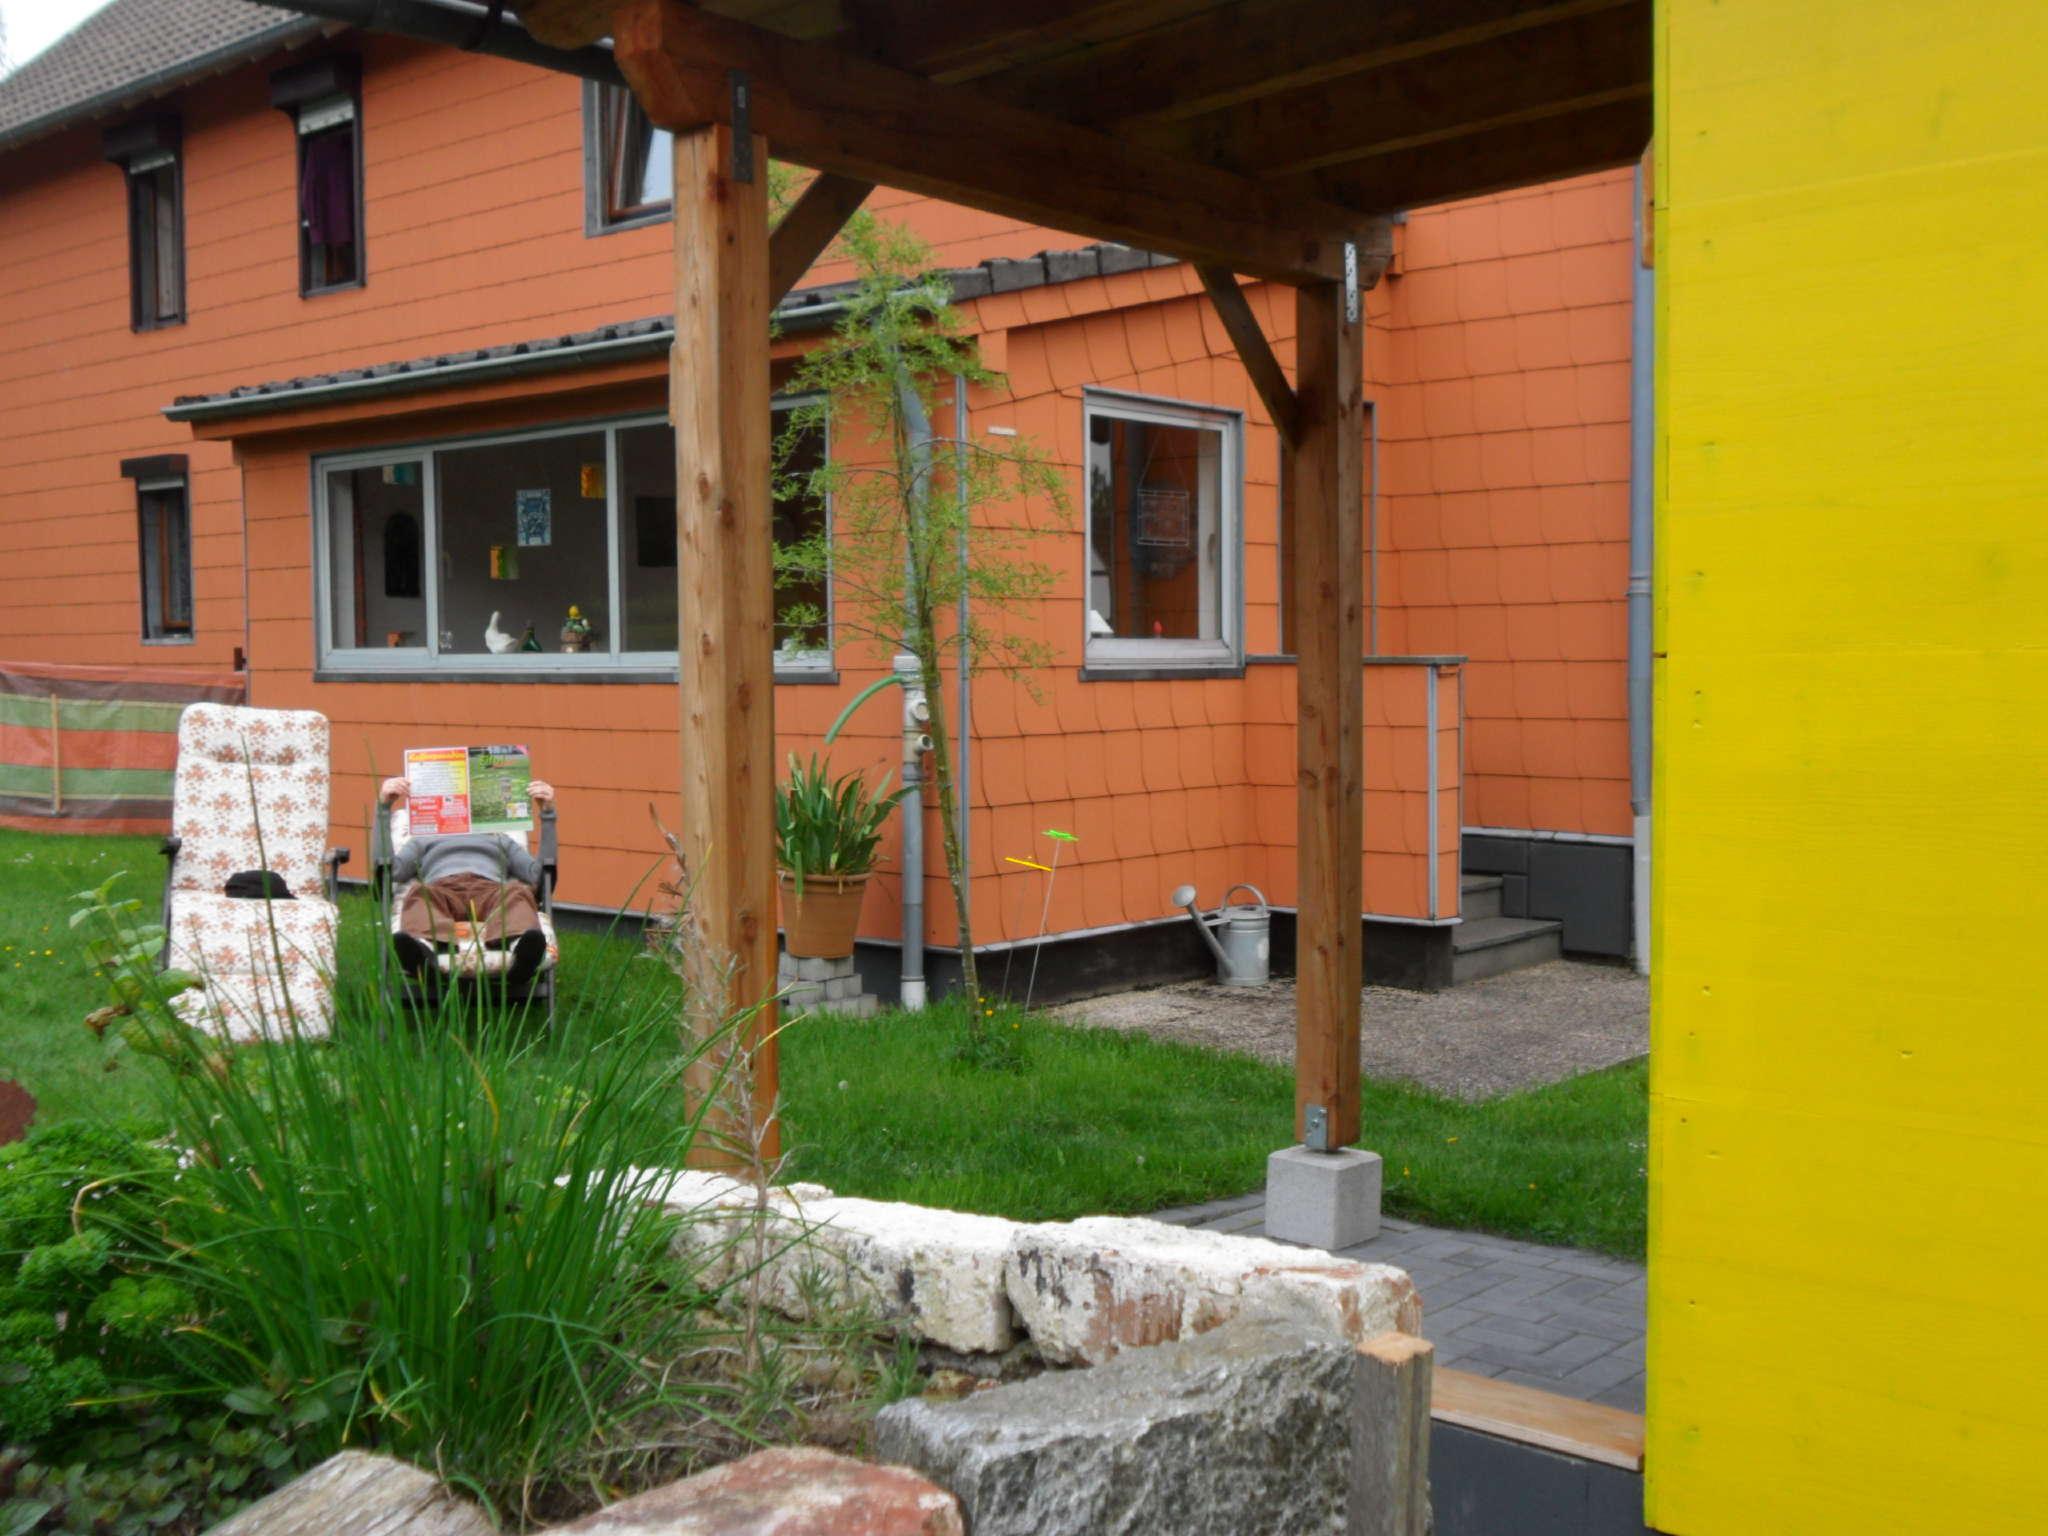 Ferienhaus Haus am Ravelradweg im Sommer